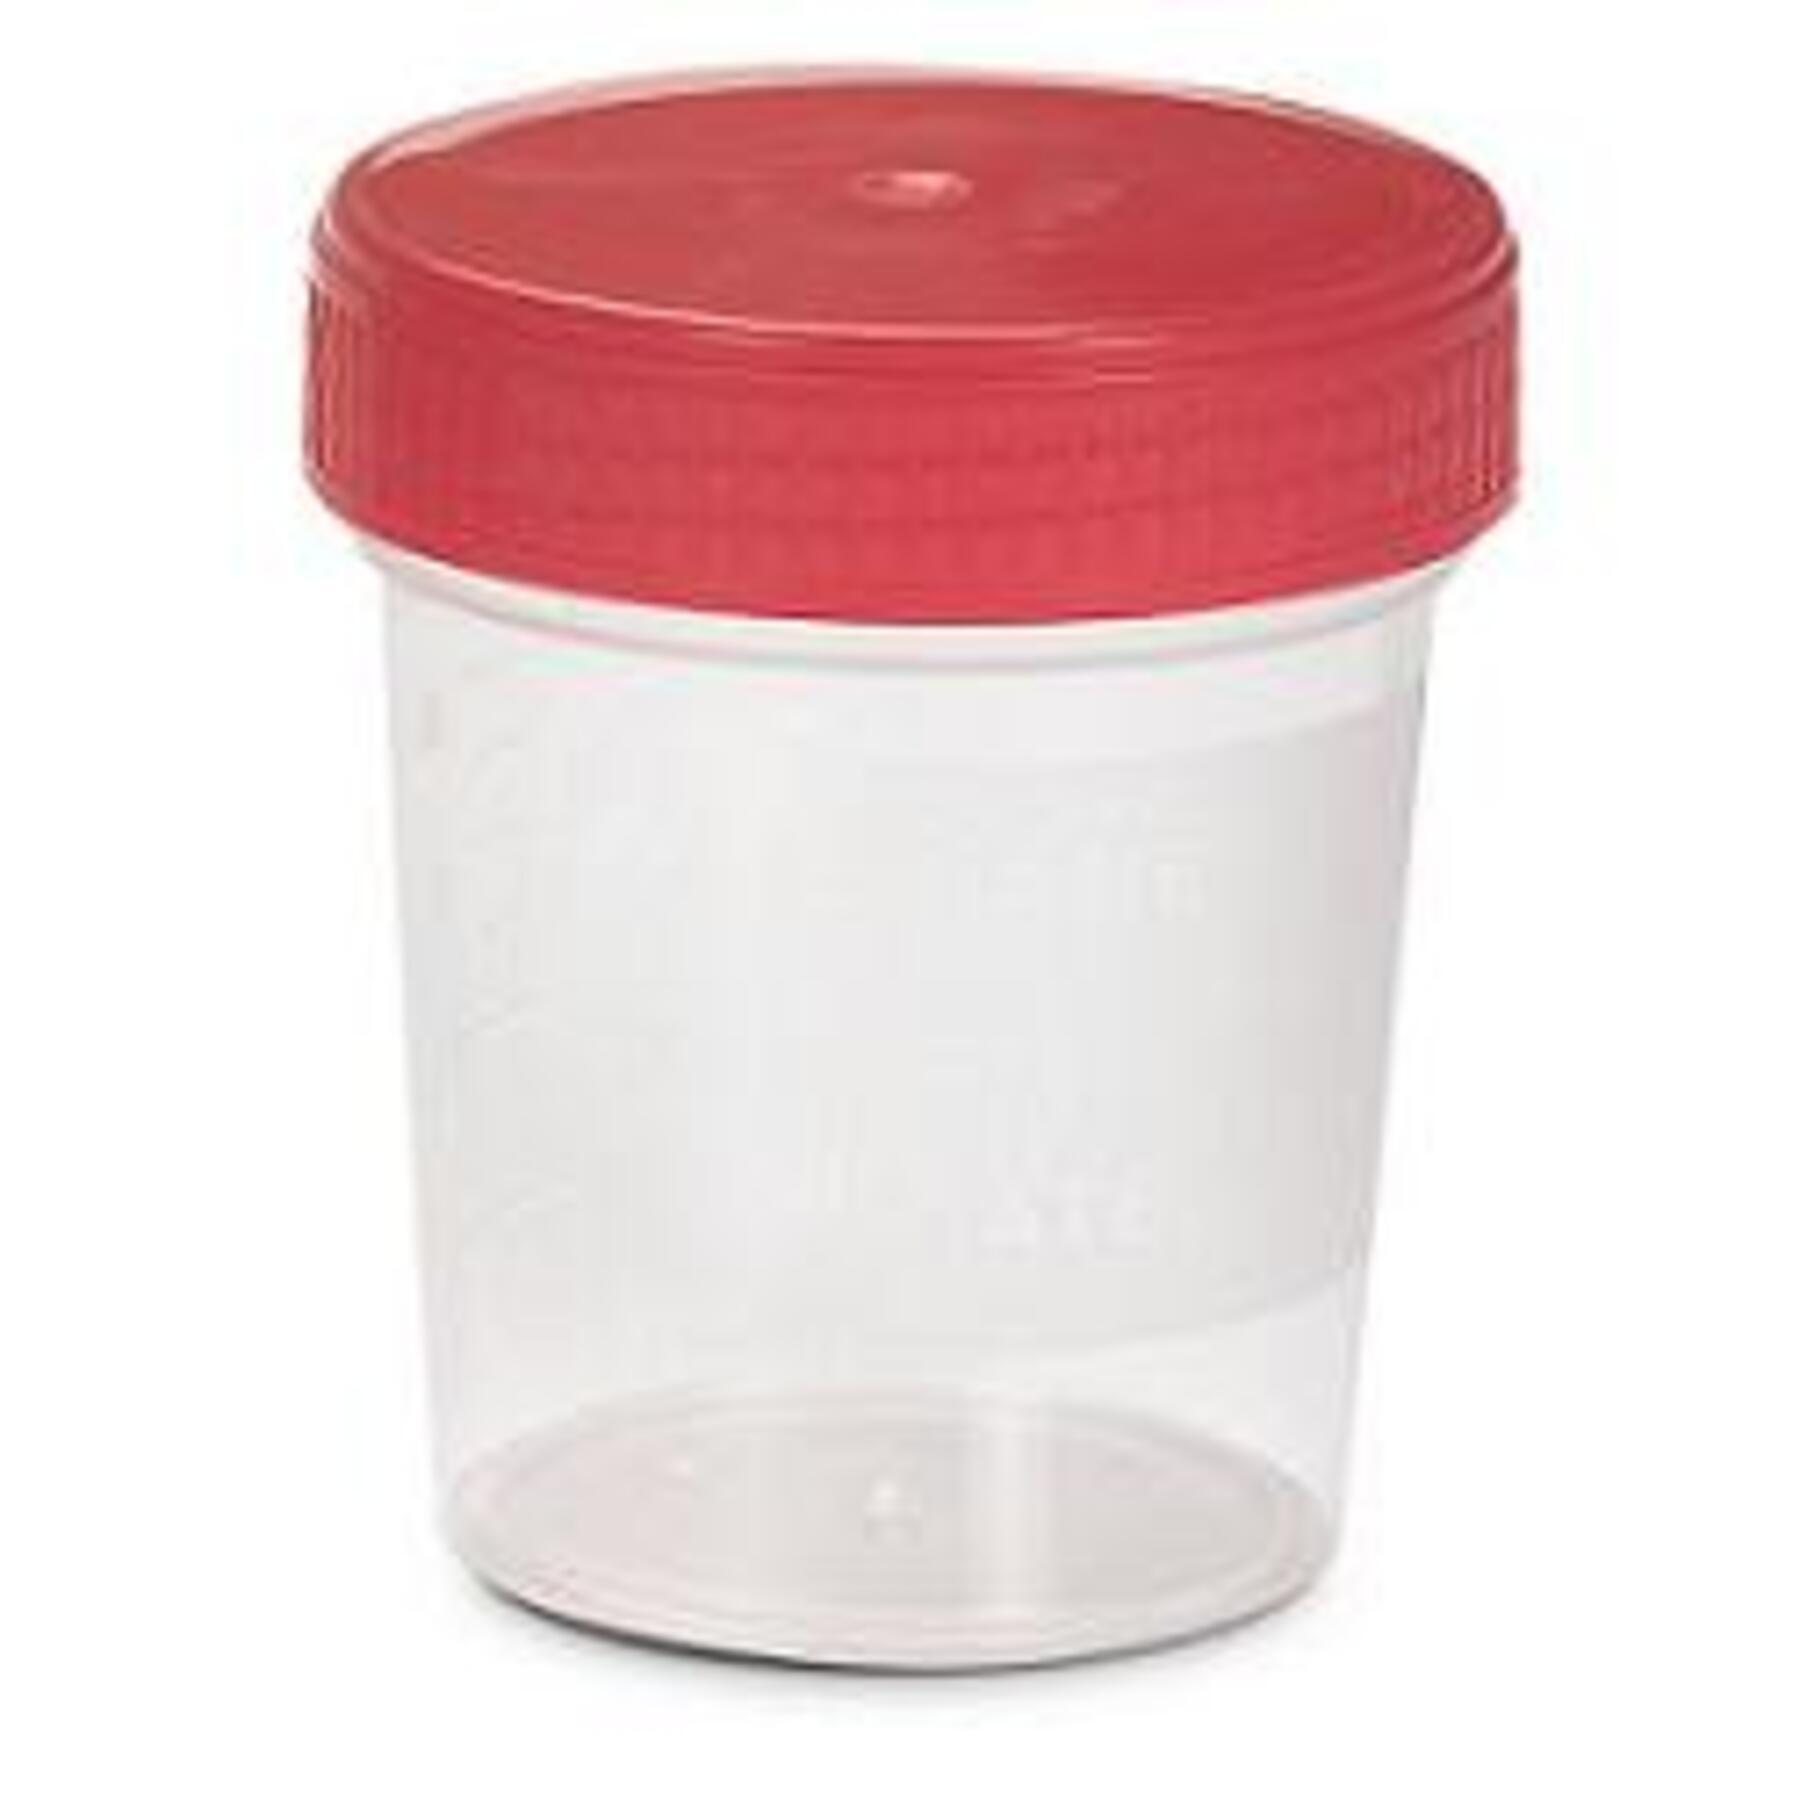 gammadis farmaceutici srl contenitore sterile per la raccolta urina 120 ml